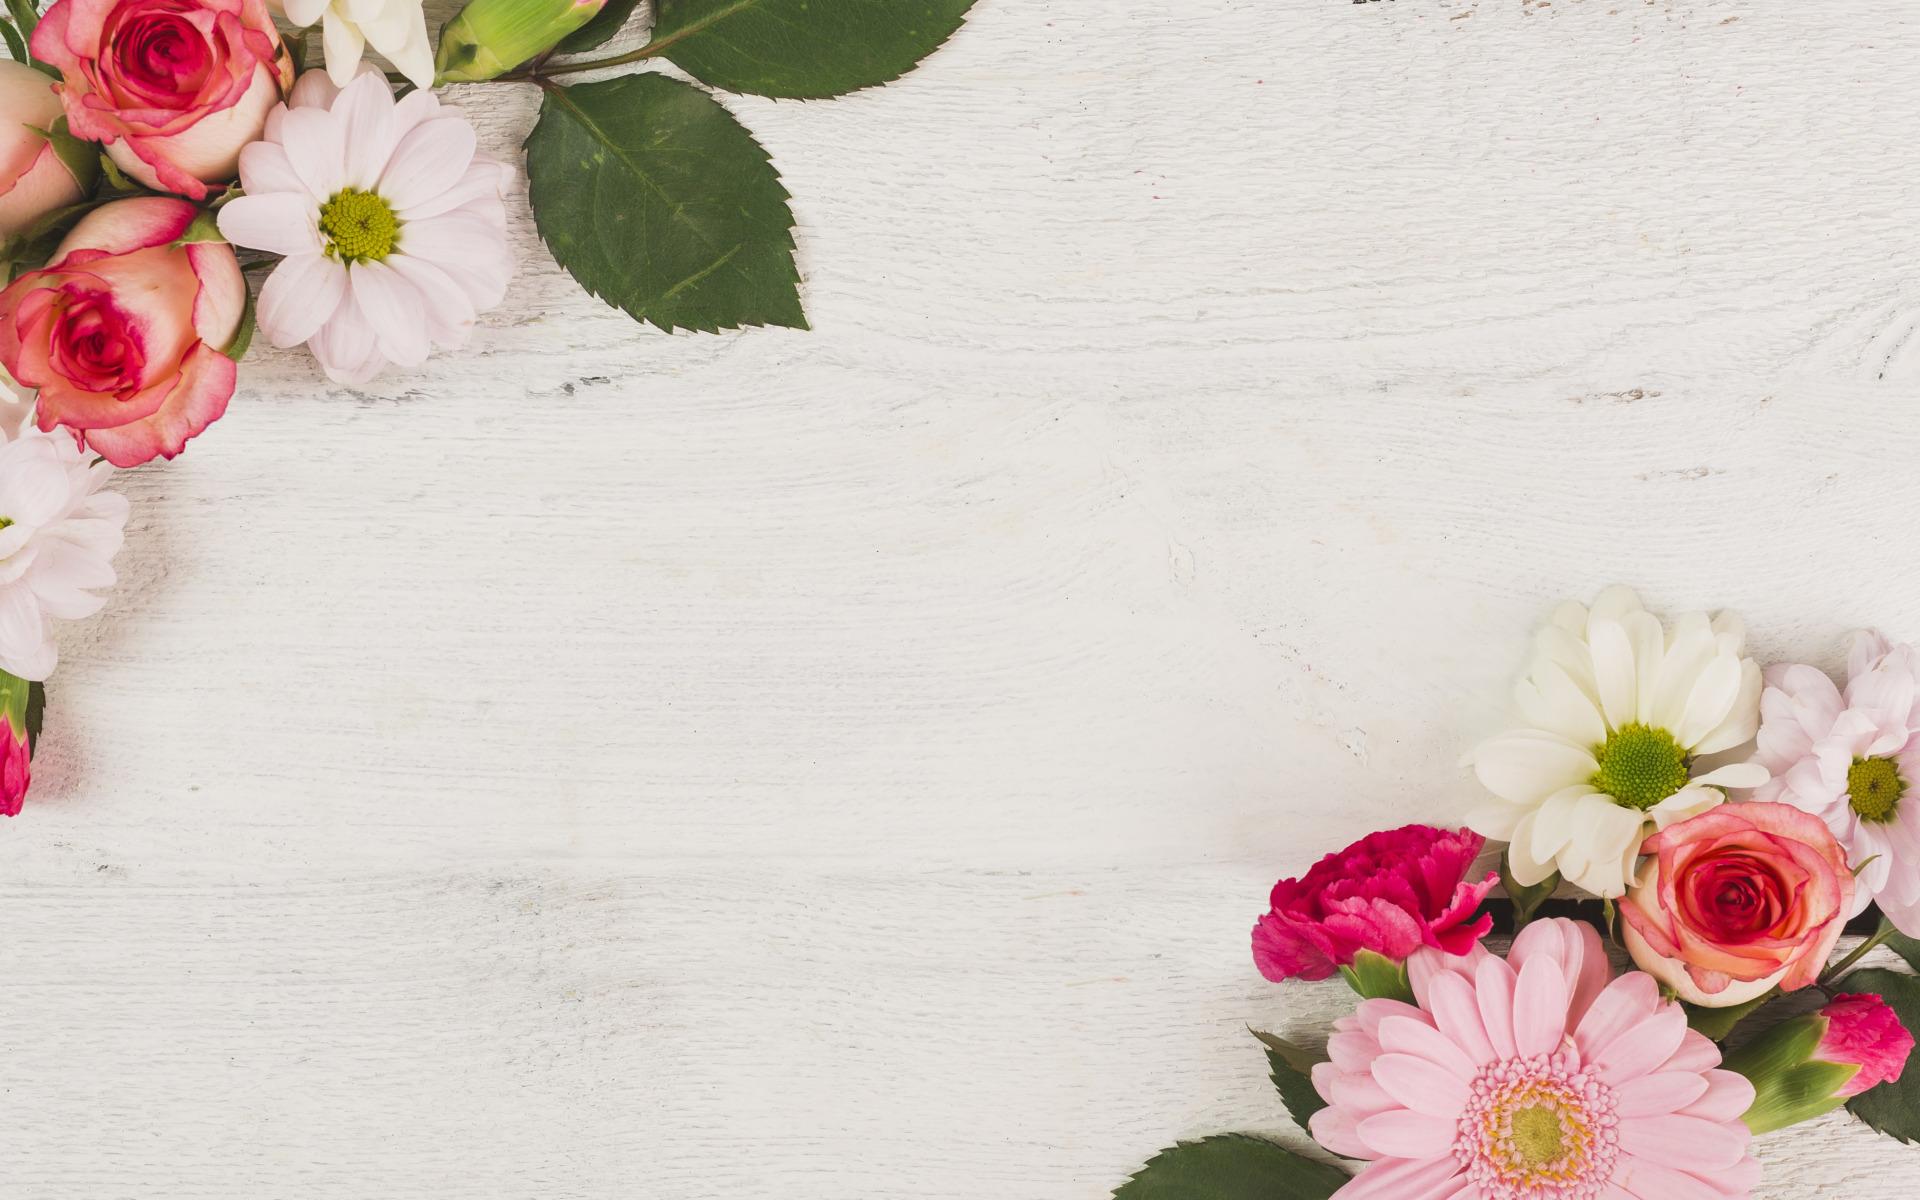 Поздравление, открытка с цветами в углу